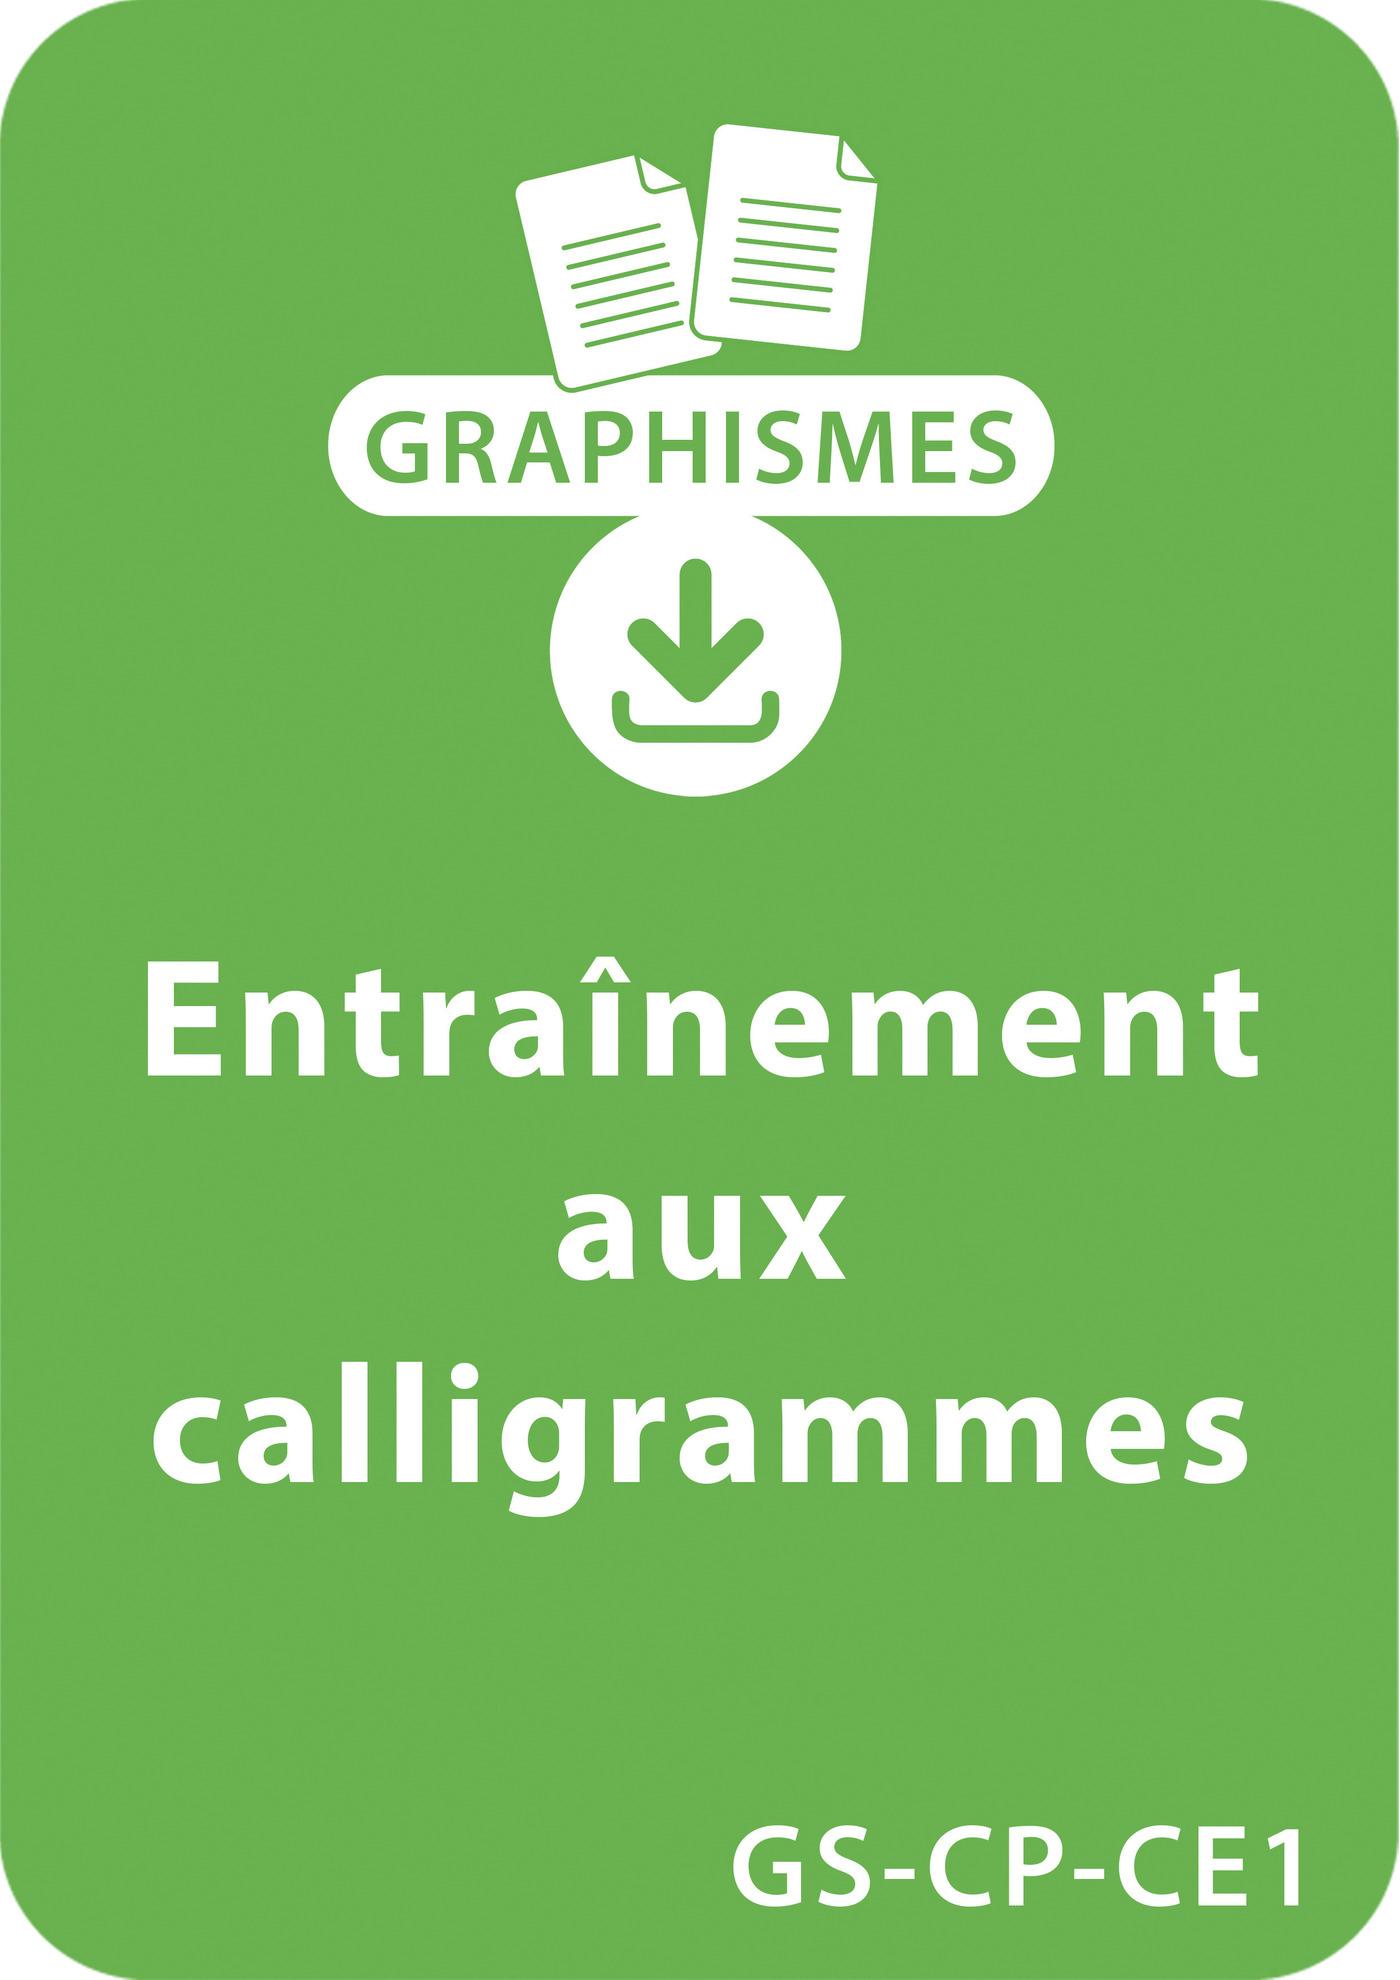 Graphismes et calligraphie GS/CP/CE1 - Entraînement aux calligrammes